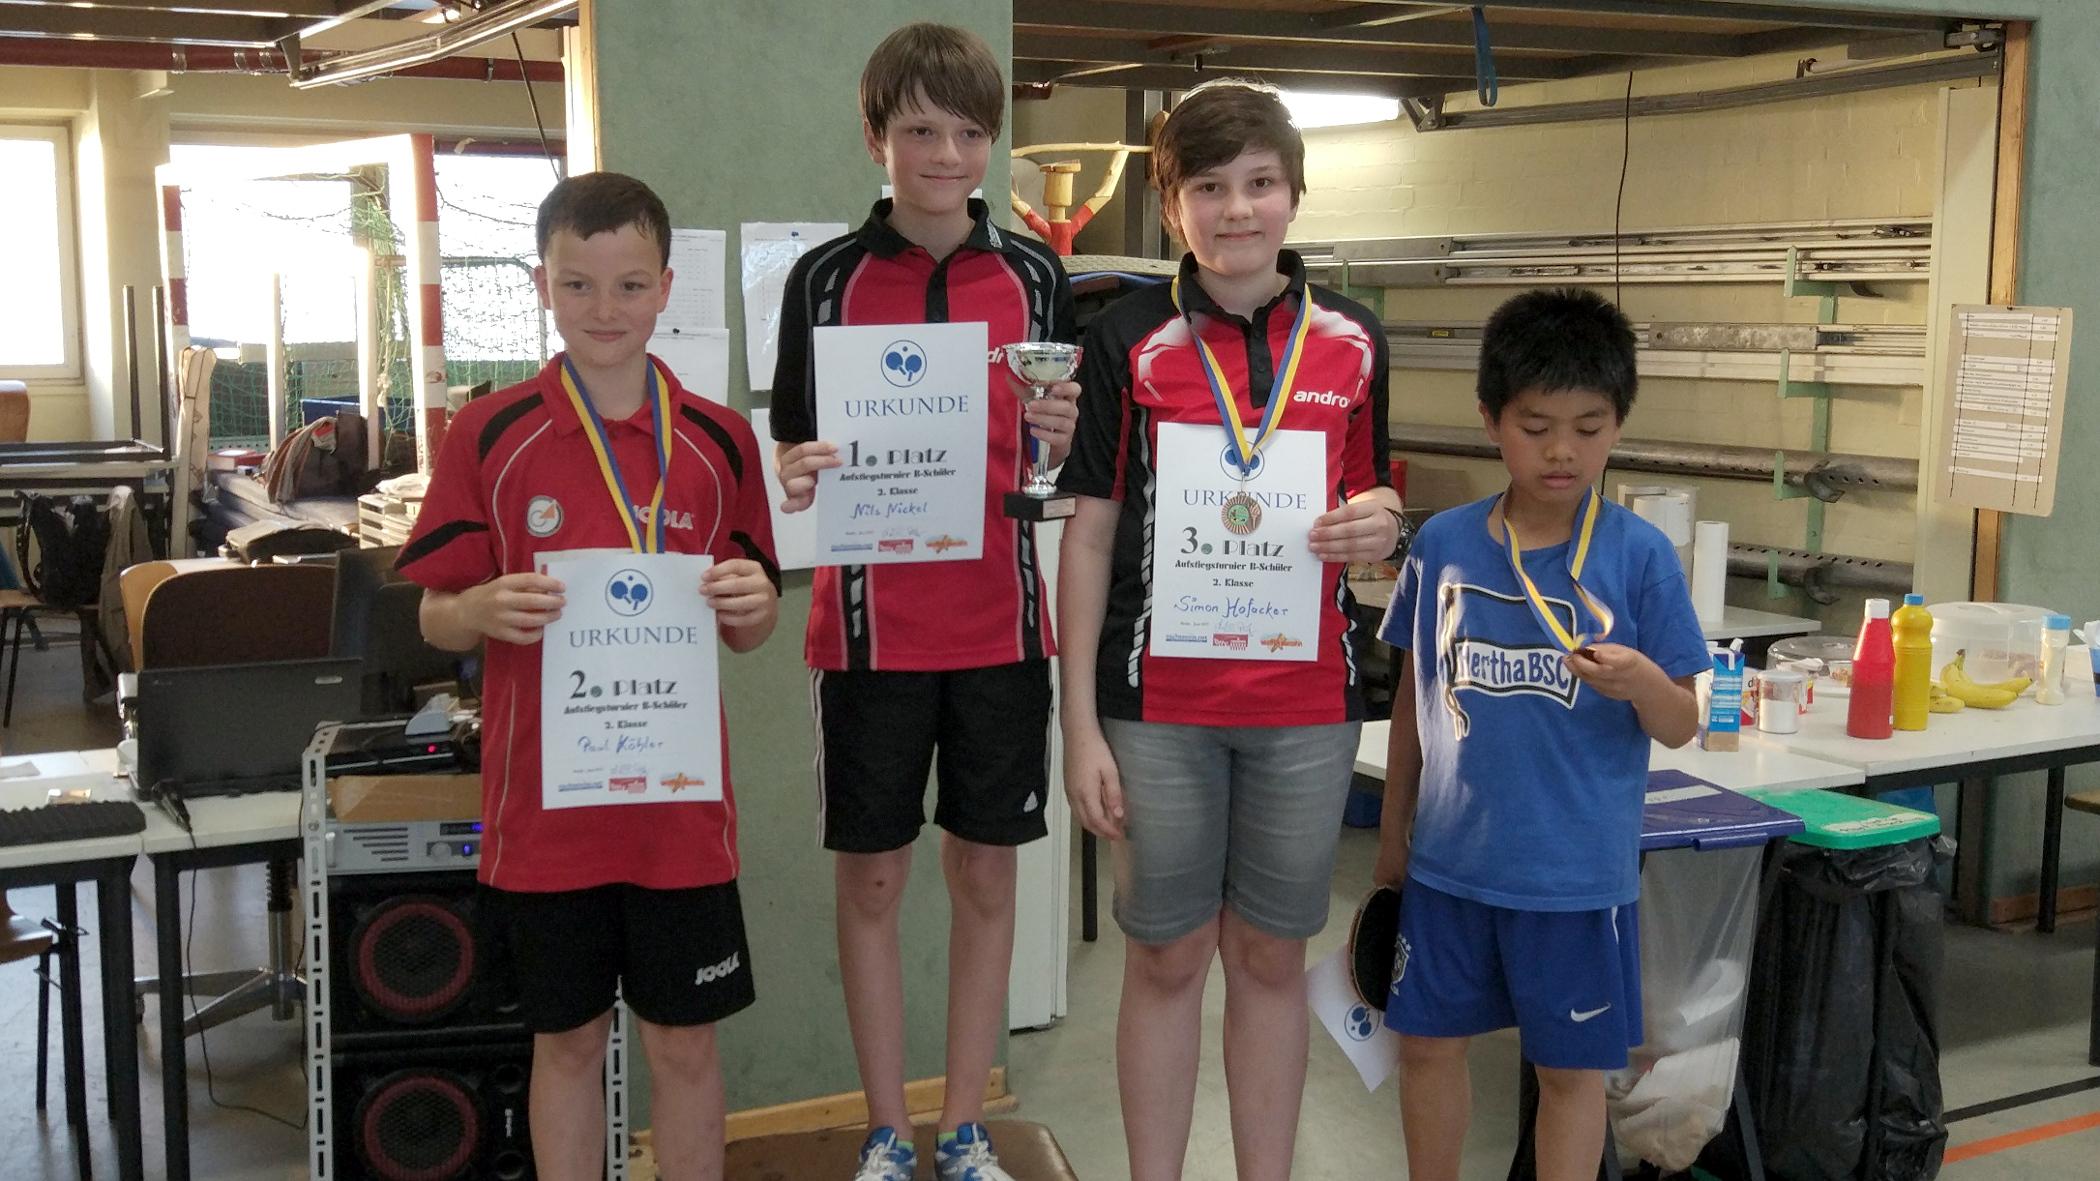 Im Aufstiegsturnier der 2. Klasse B-Schüler erreichte Simon den dritten Platz und durfte somit mit einer Bronzemedaille nach Hause fahren.